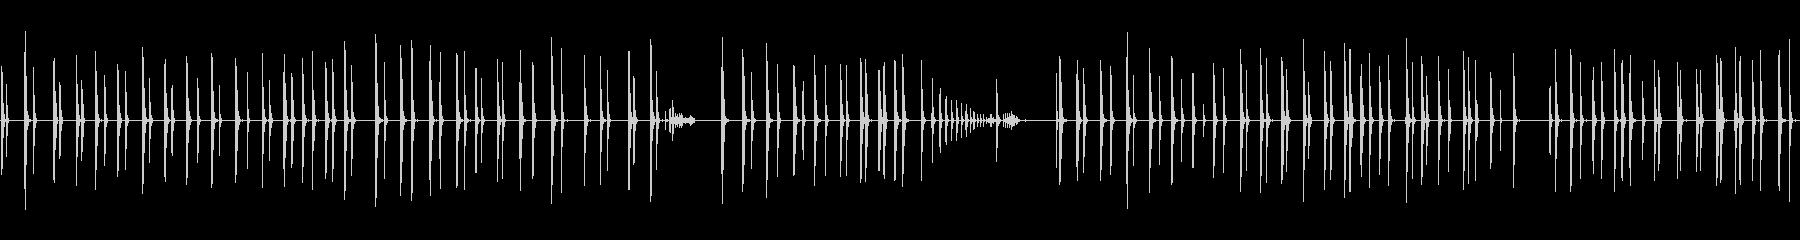 ラリーバックとフォース、テーブルテ...の未再生の波形